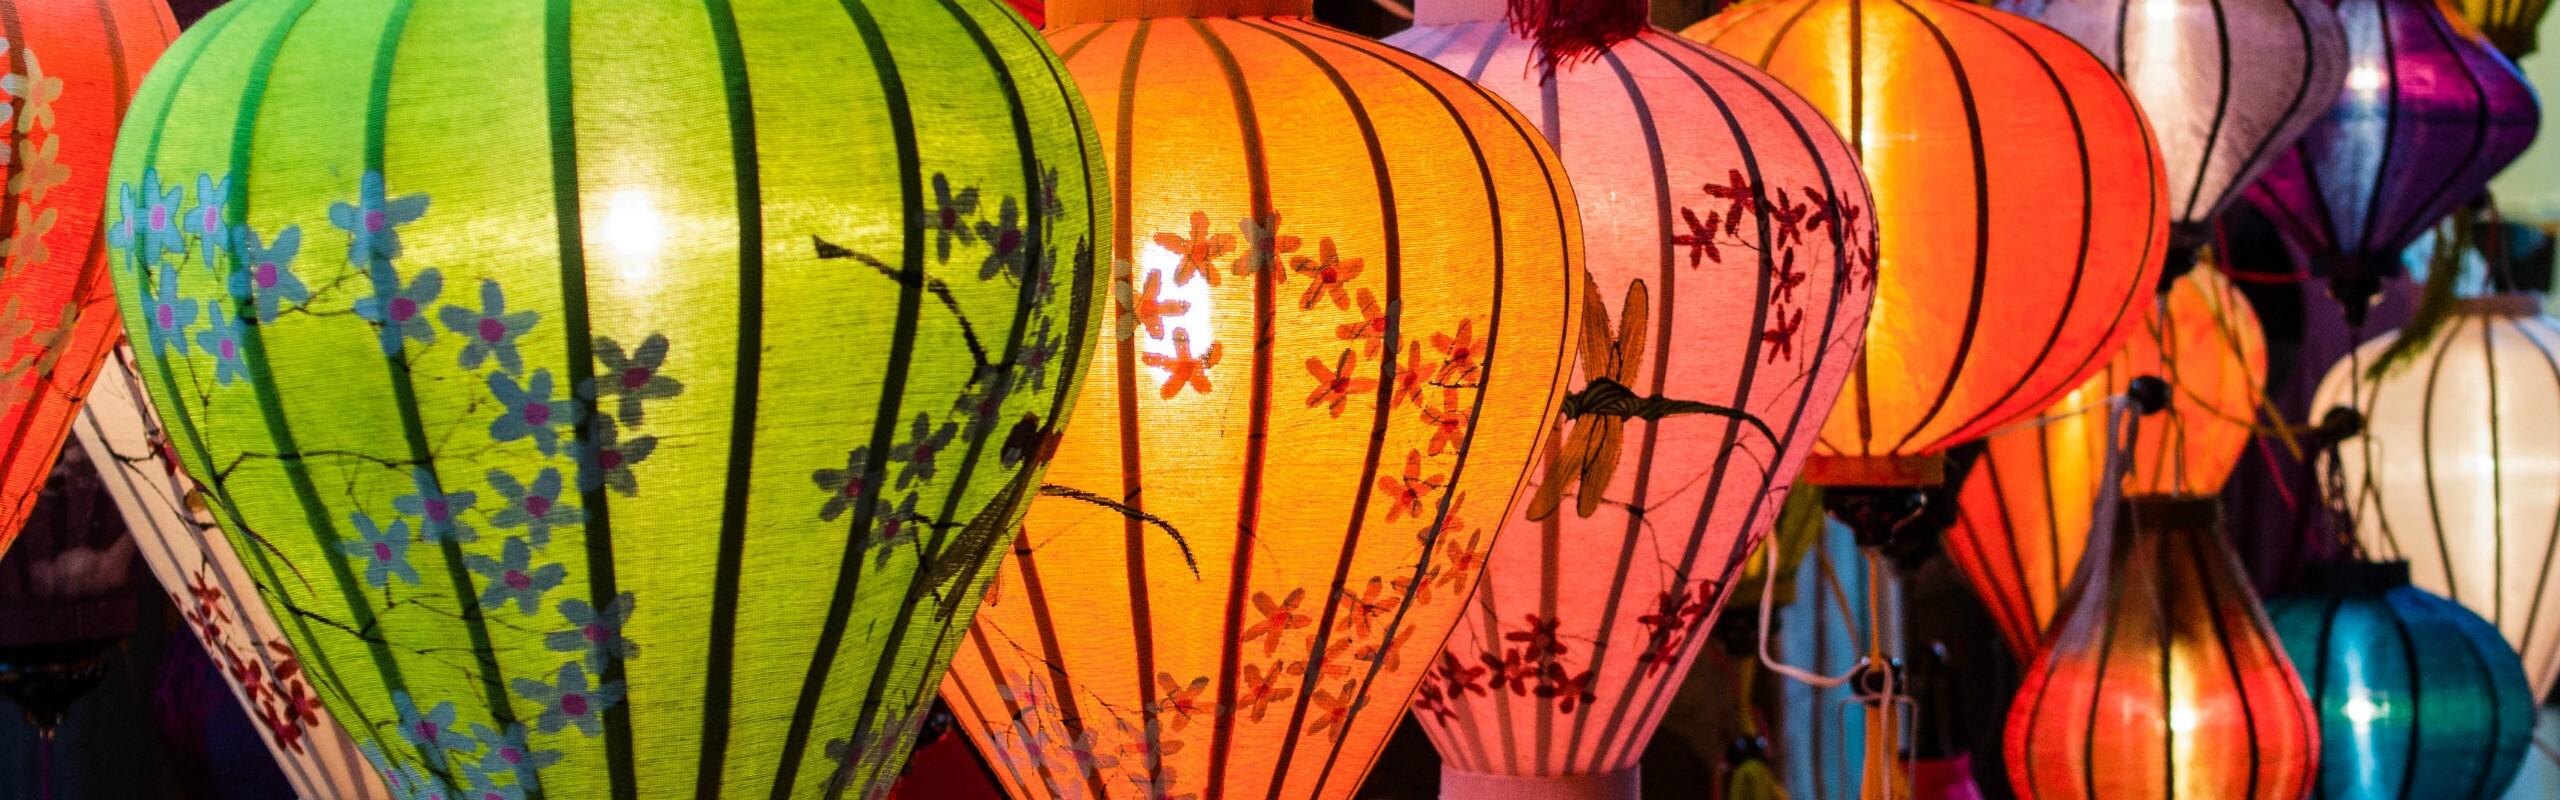 Vietnamese Handicrafts